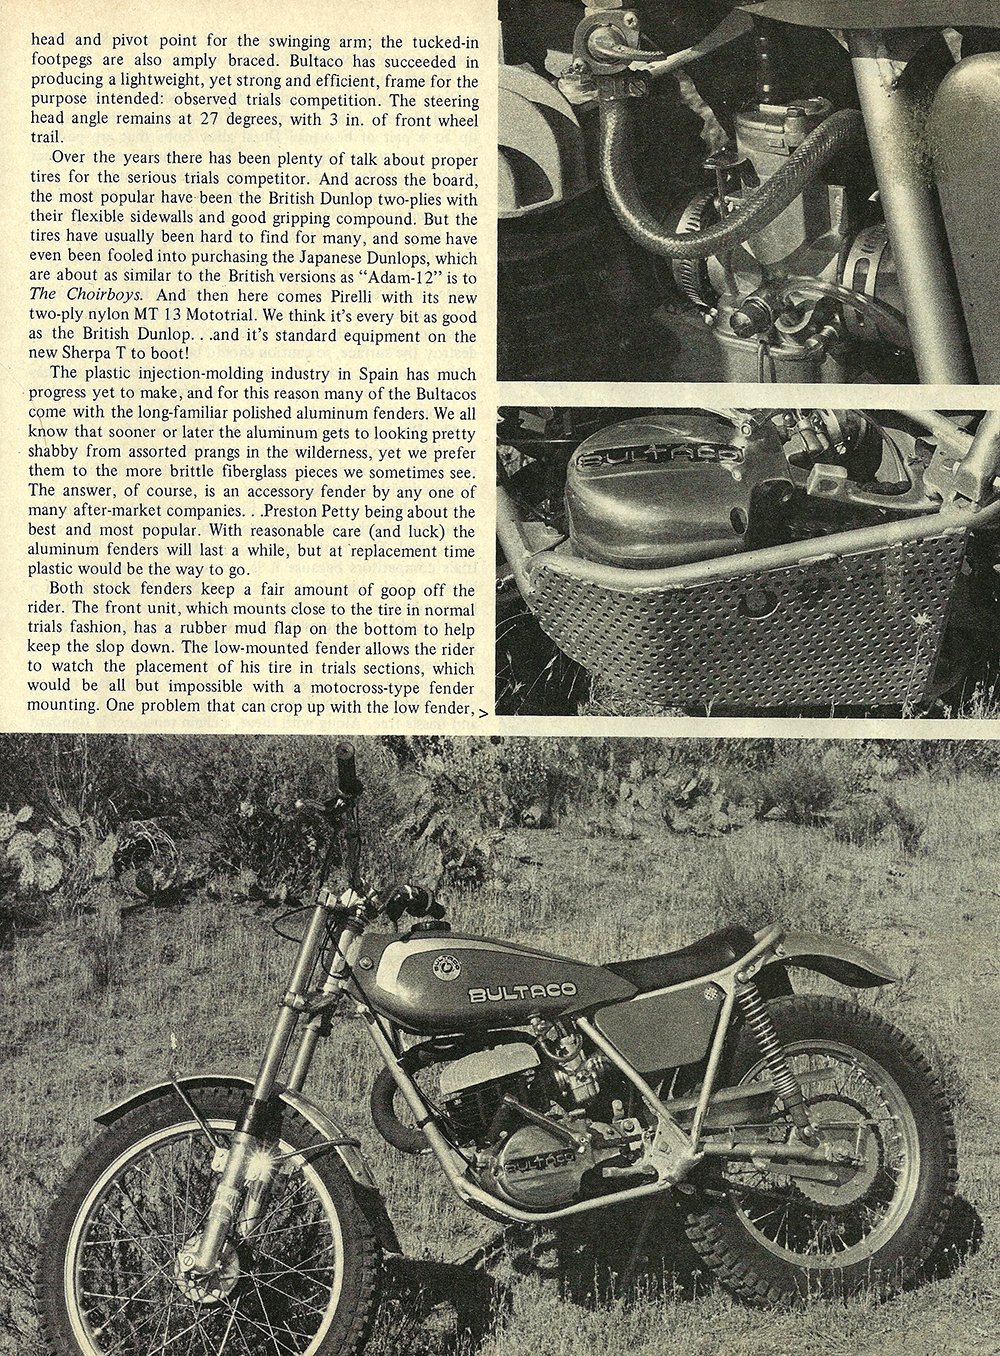 1976 Bultaco Sherpa T 350 road test 02.jpg